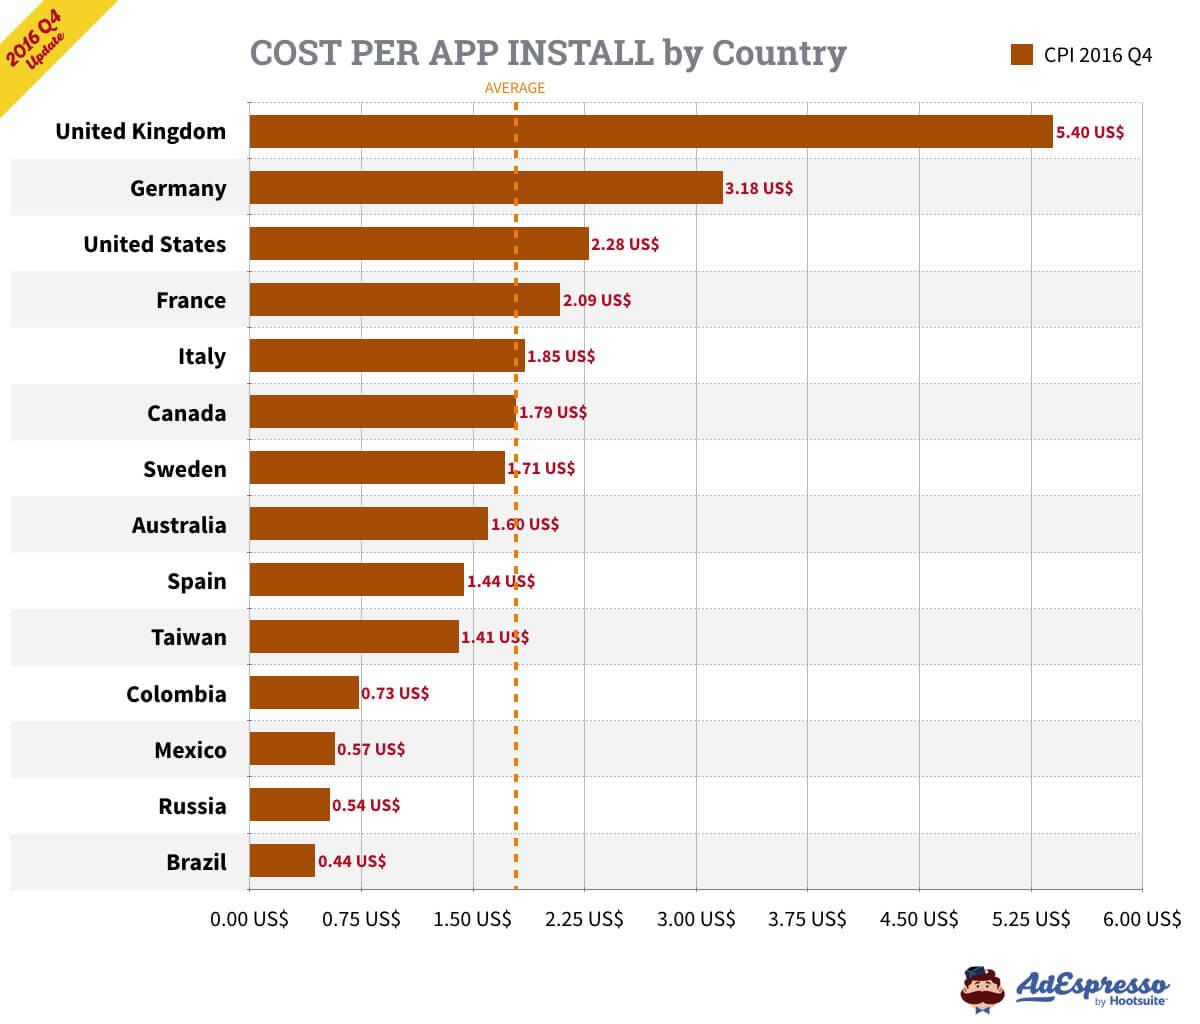 The avg. cost per app install